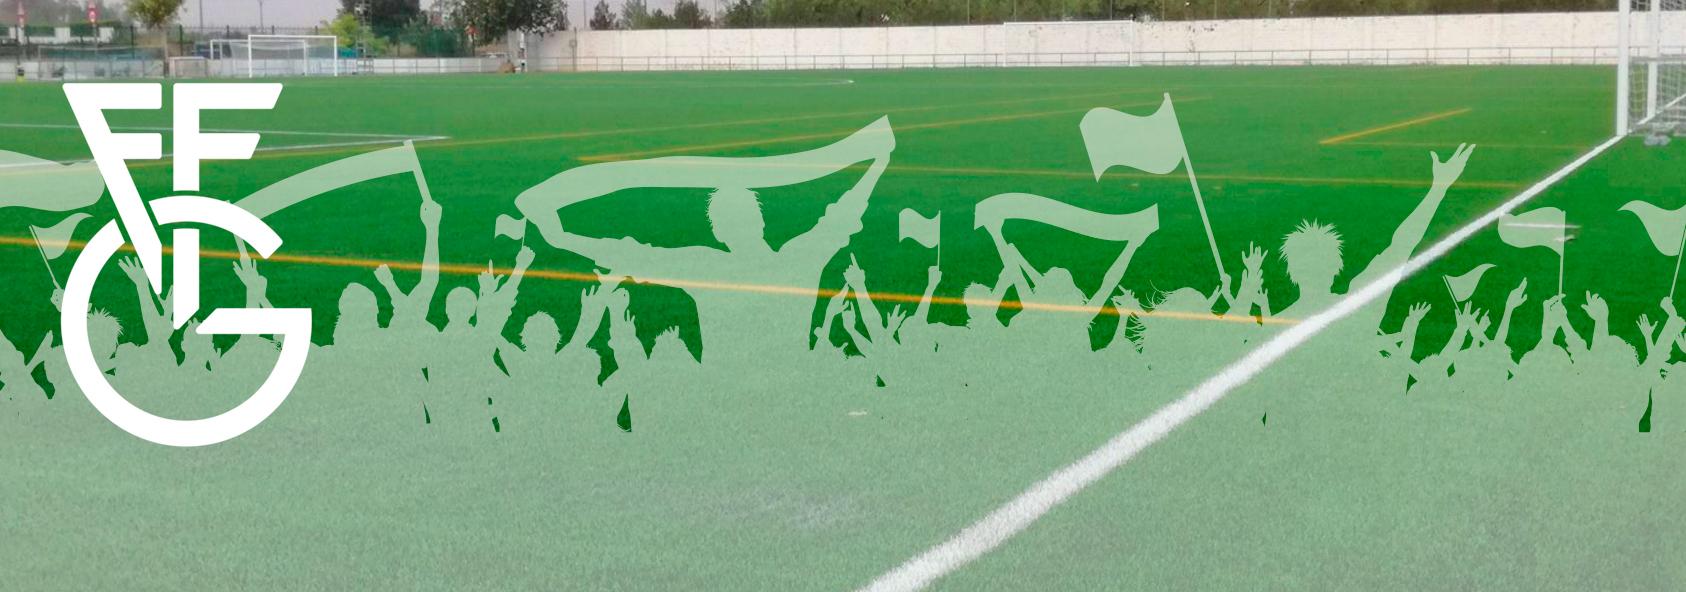 Klubak irudia - gipuzkoako futbol federazioa